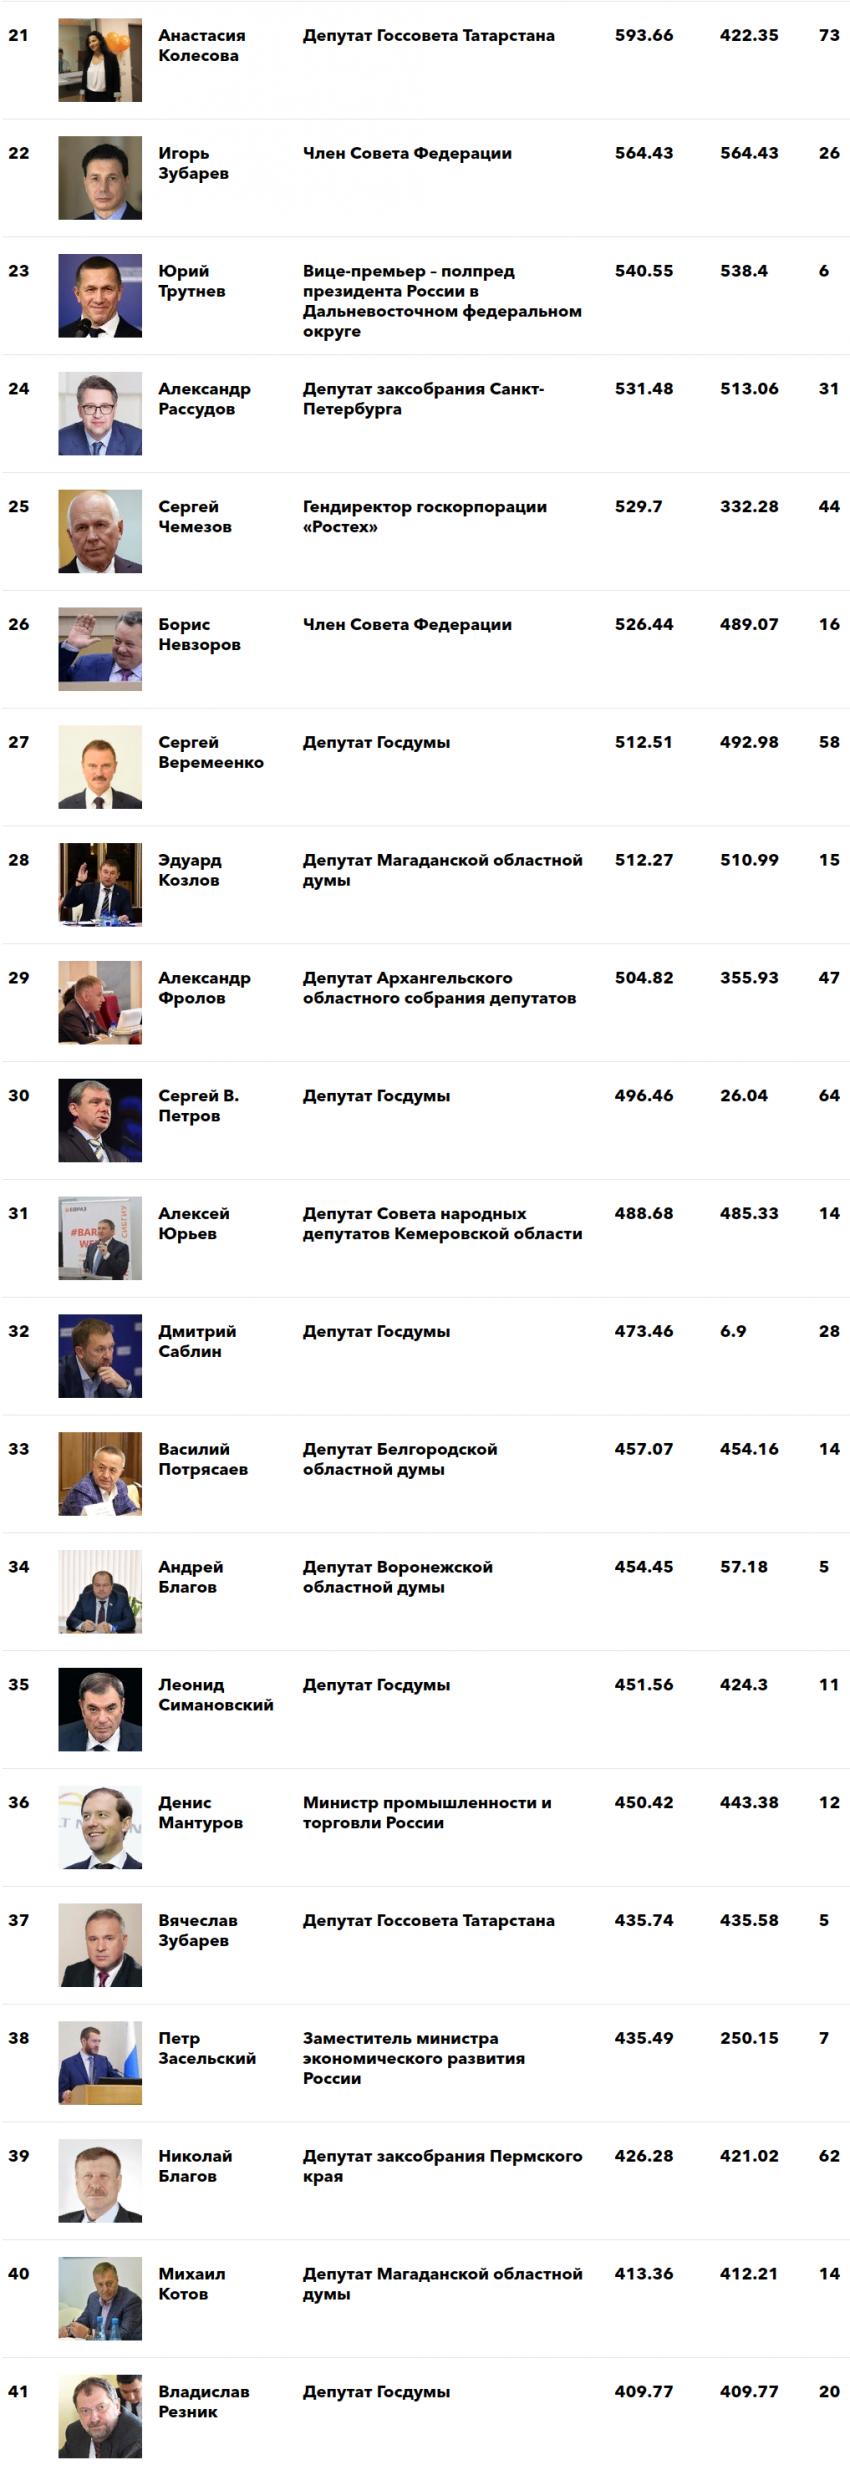 Власть и деньги: Рейтинг самых богатых депутатов и чиновников в России